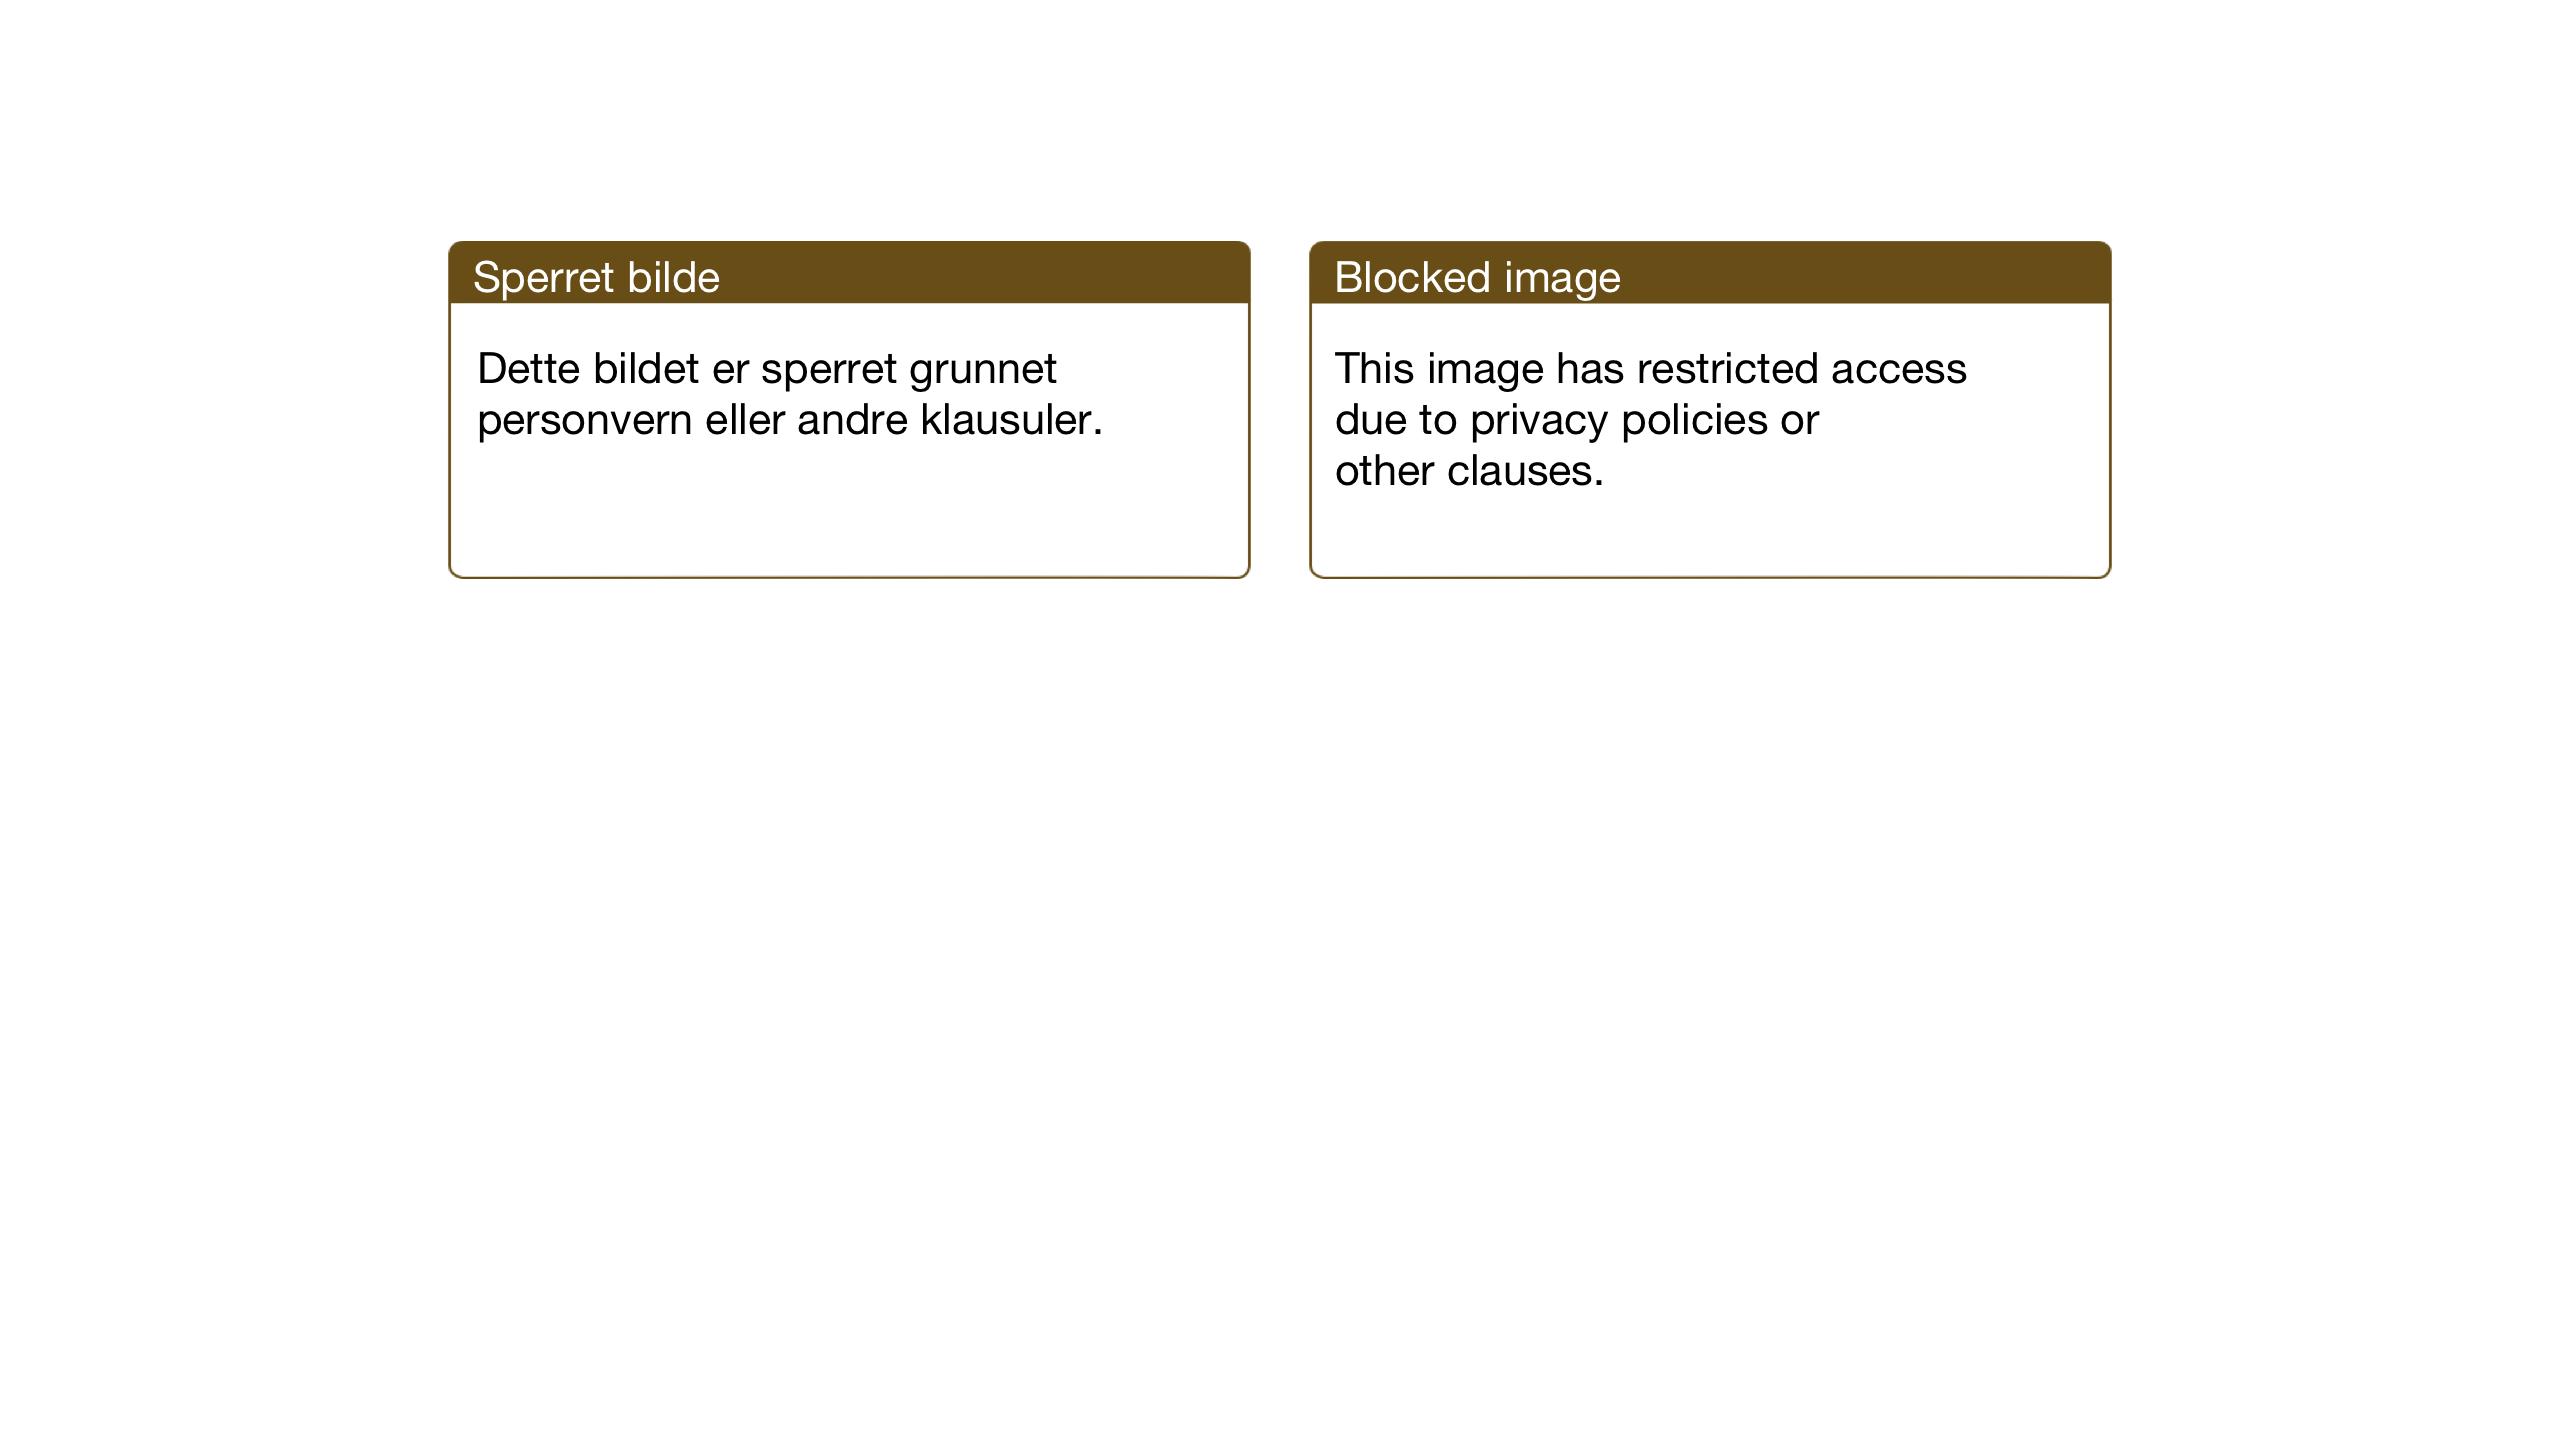 SAT, Ministerialprotokoller, klokkerbøker og fødselsregistre - Sør-Trøndelag, 686/L0986: Klokkerbok nr. 686C02, 1933-1950, s. 56